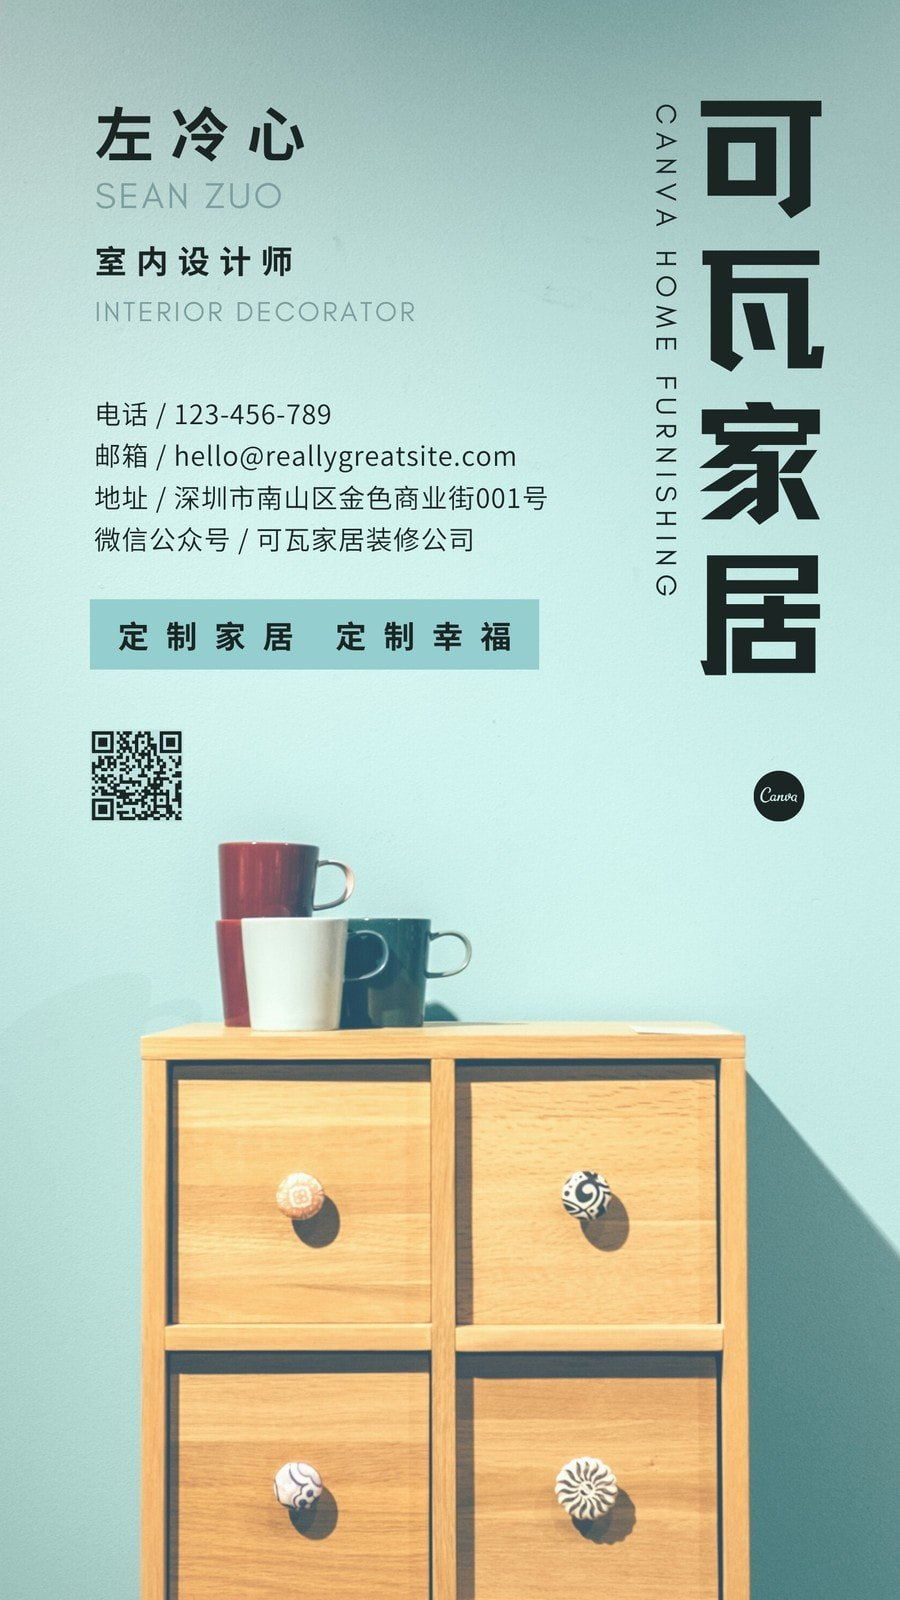 蓝绿色家具家居室内装潢照片家居分享中文电子名片